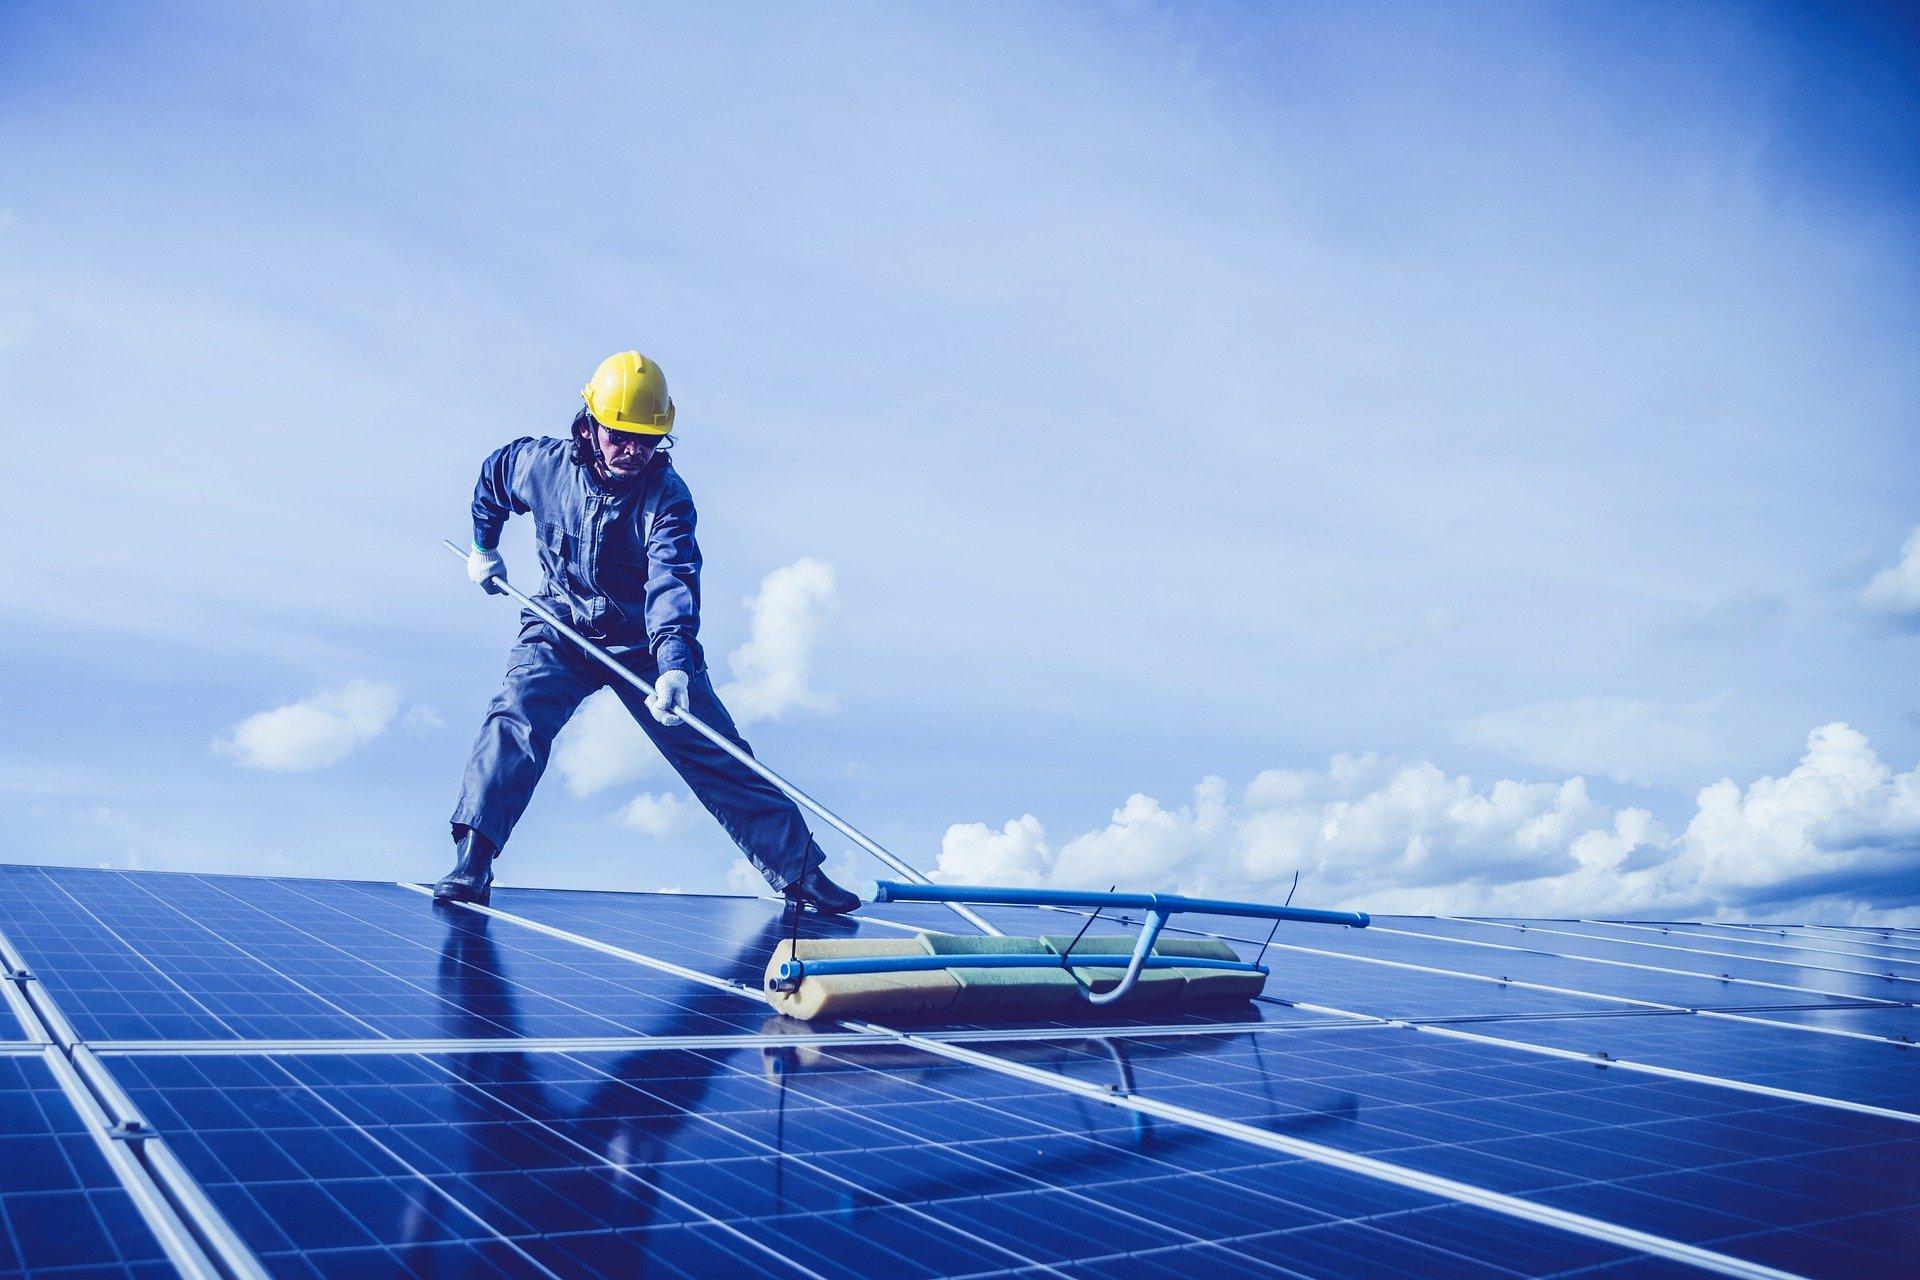 Változatlan feltételekkel igényelhető támogatás a napelemes rendszerekre